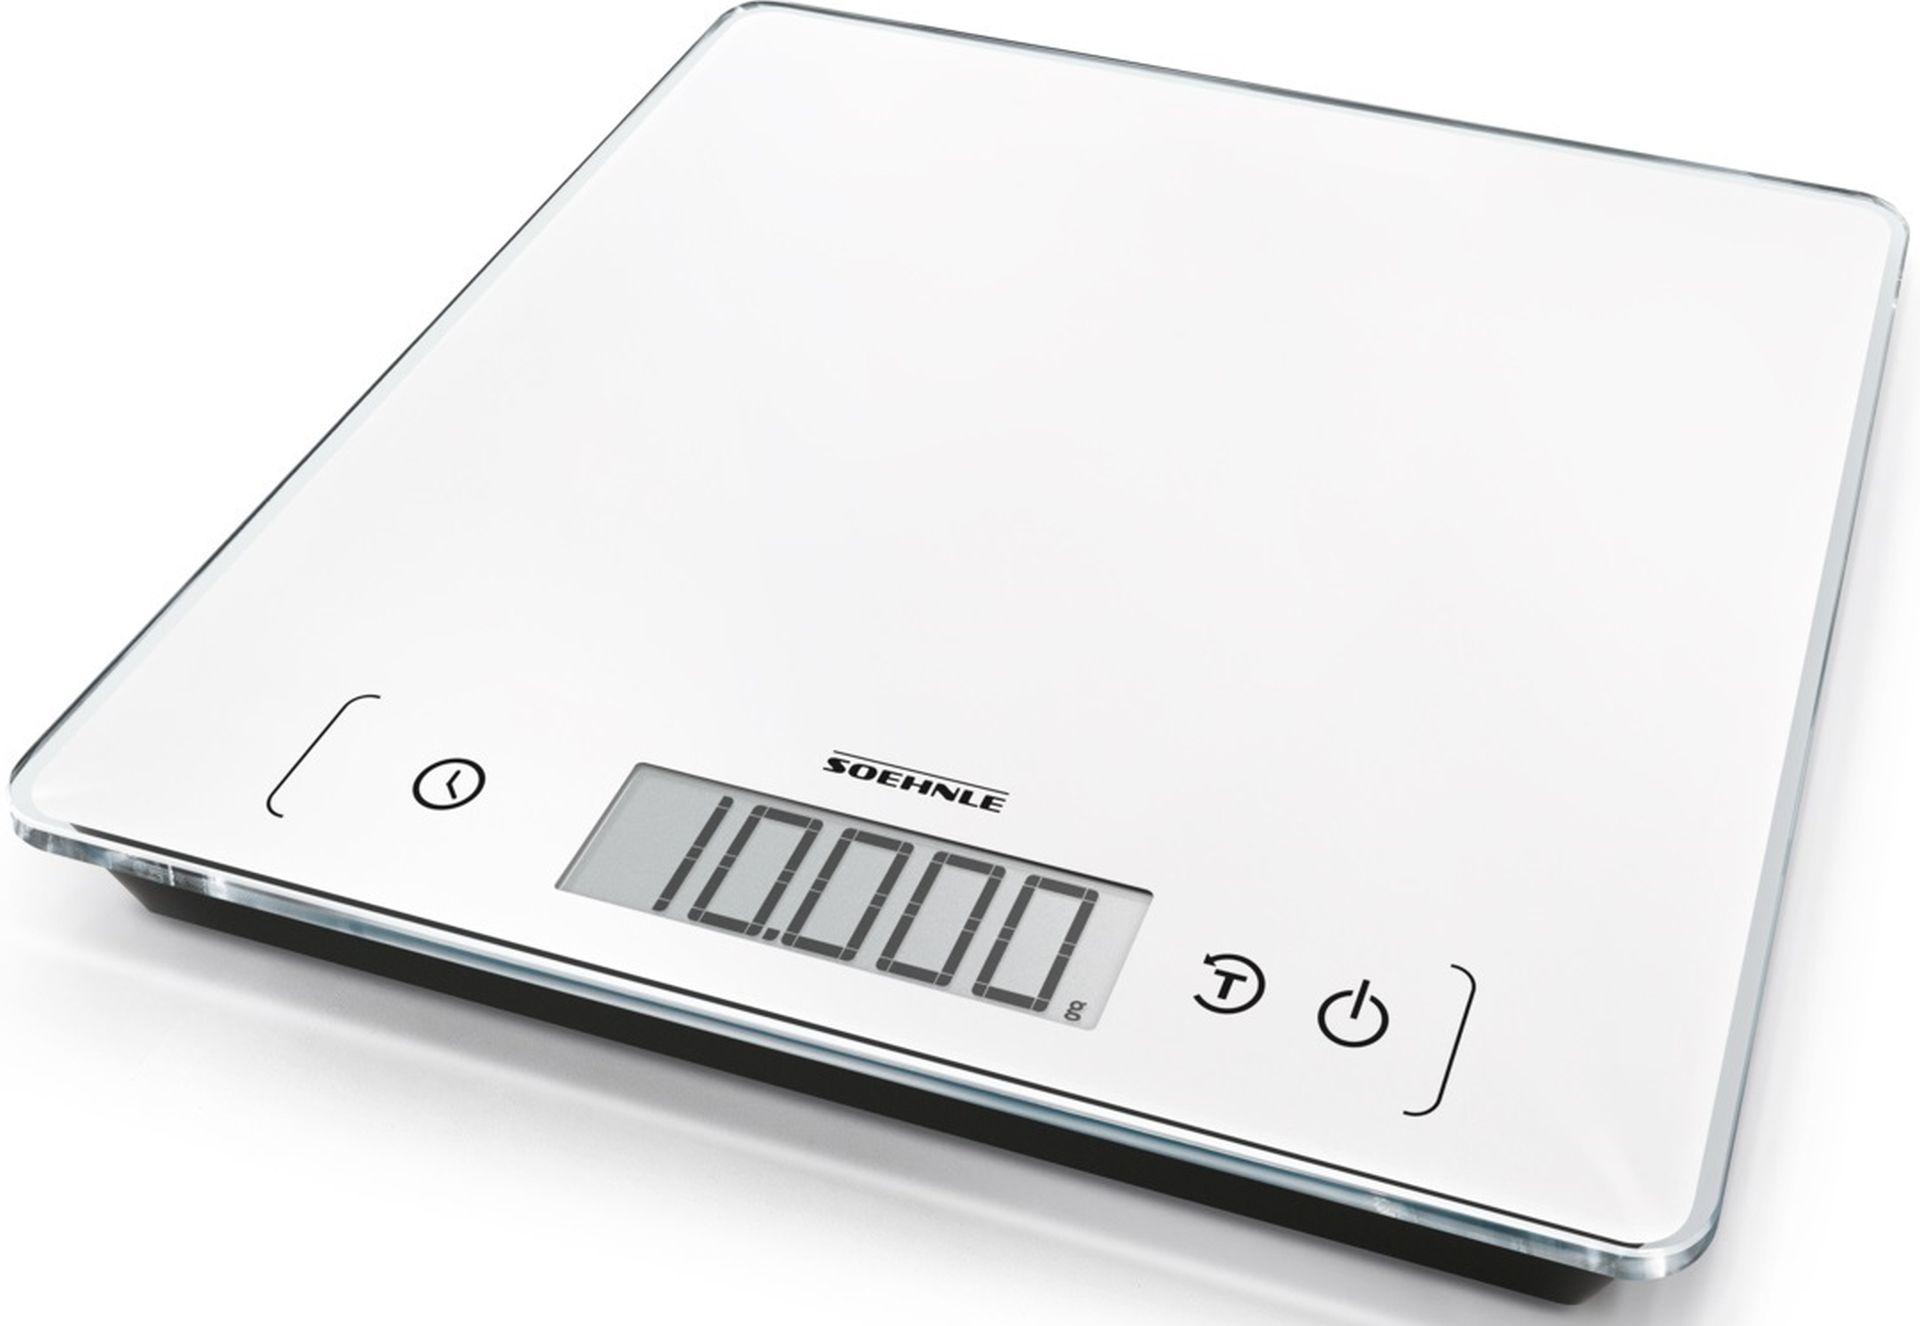 SOEHNLE Page Comfort 400 Digitální kuchyňská váha 61505